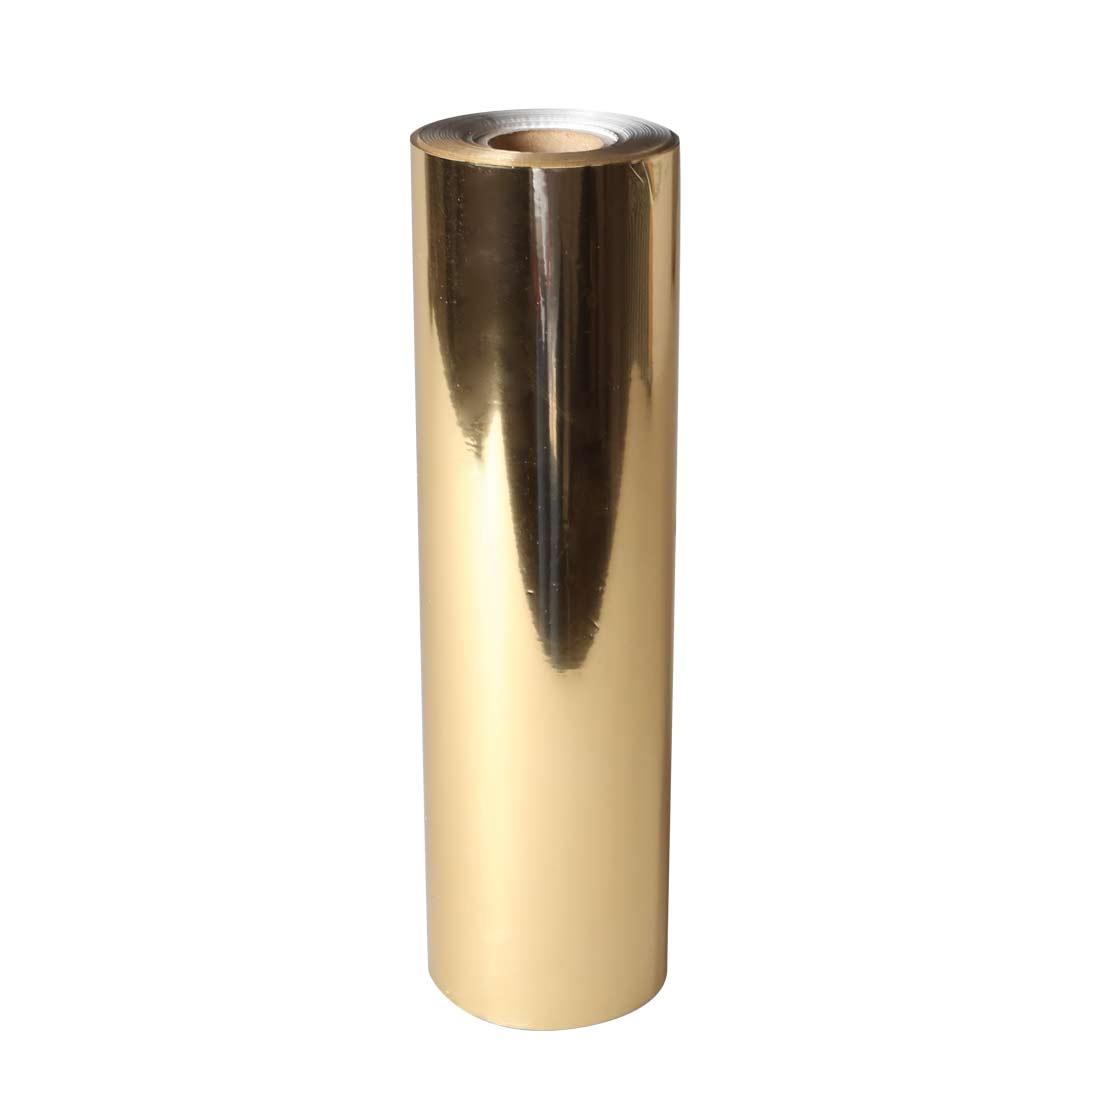 Uniwersalna folia do złoceń, nabłyszczeń w rolce - O.FOIL UNIVERSAL - 21 cm x 122 m - złoty